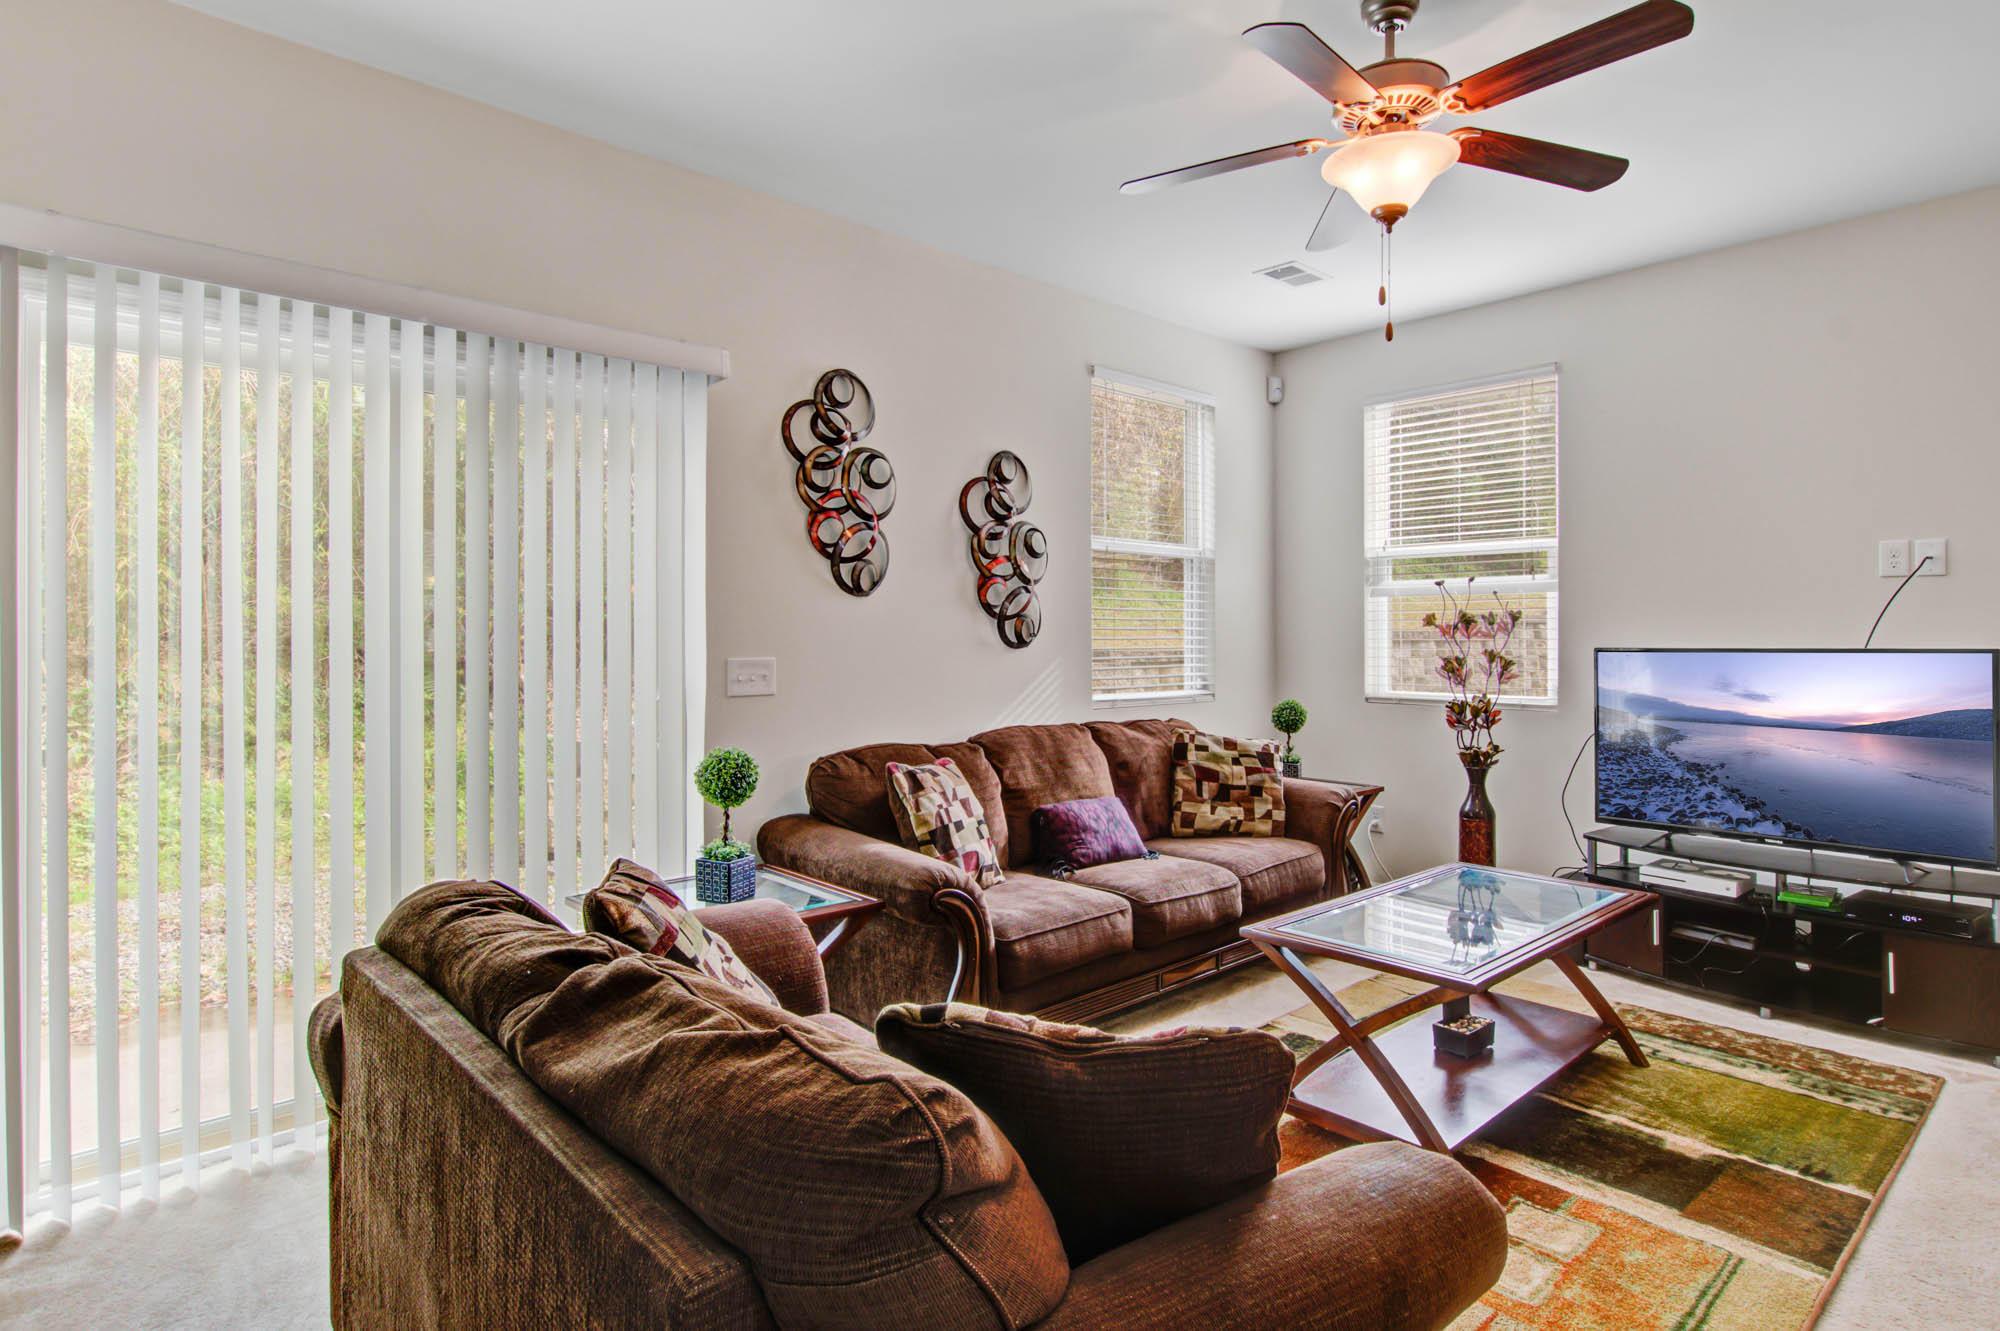 Hidden Palms Homes For Sale - 164 Hidden Palms, Summerville, SC - 10